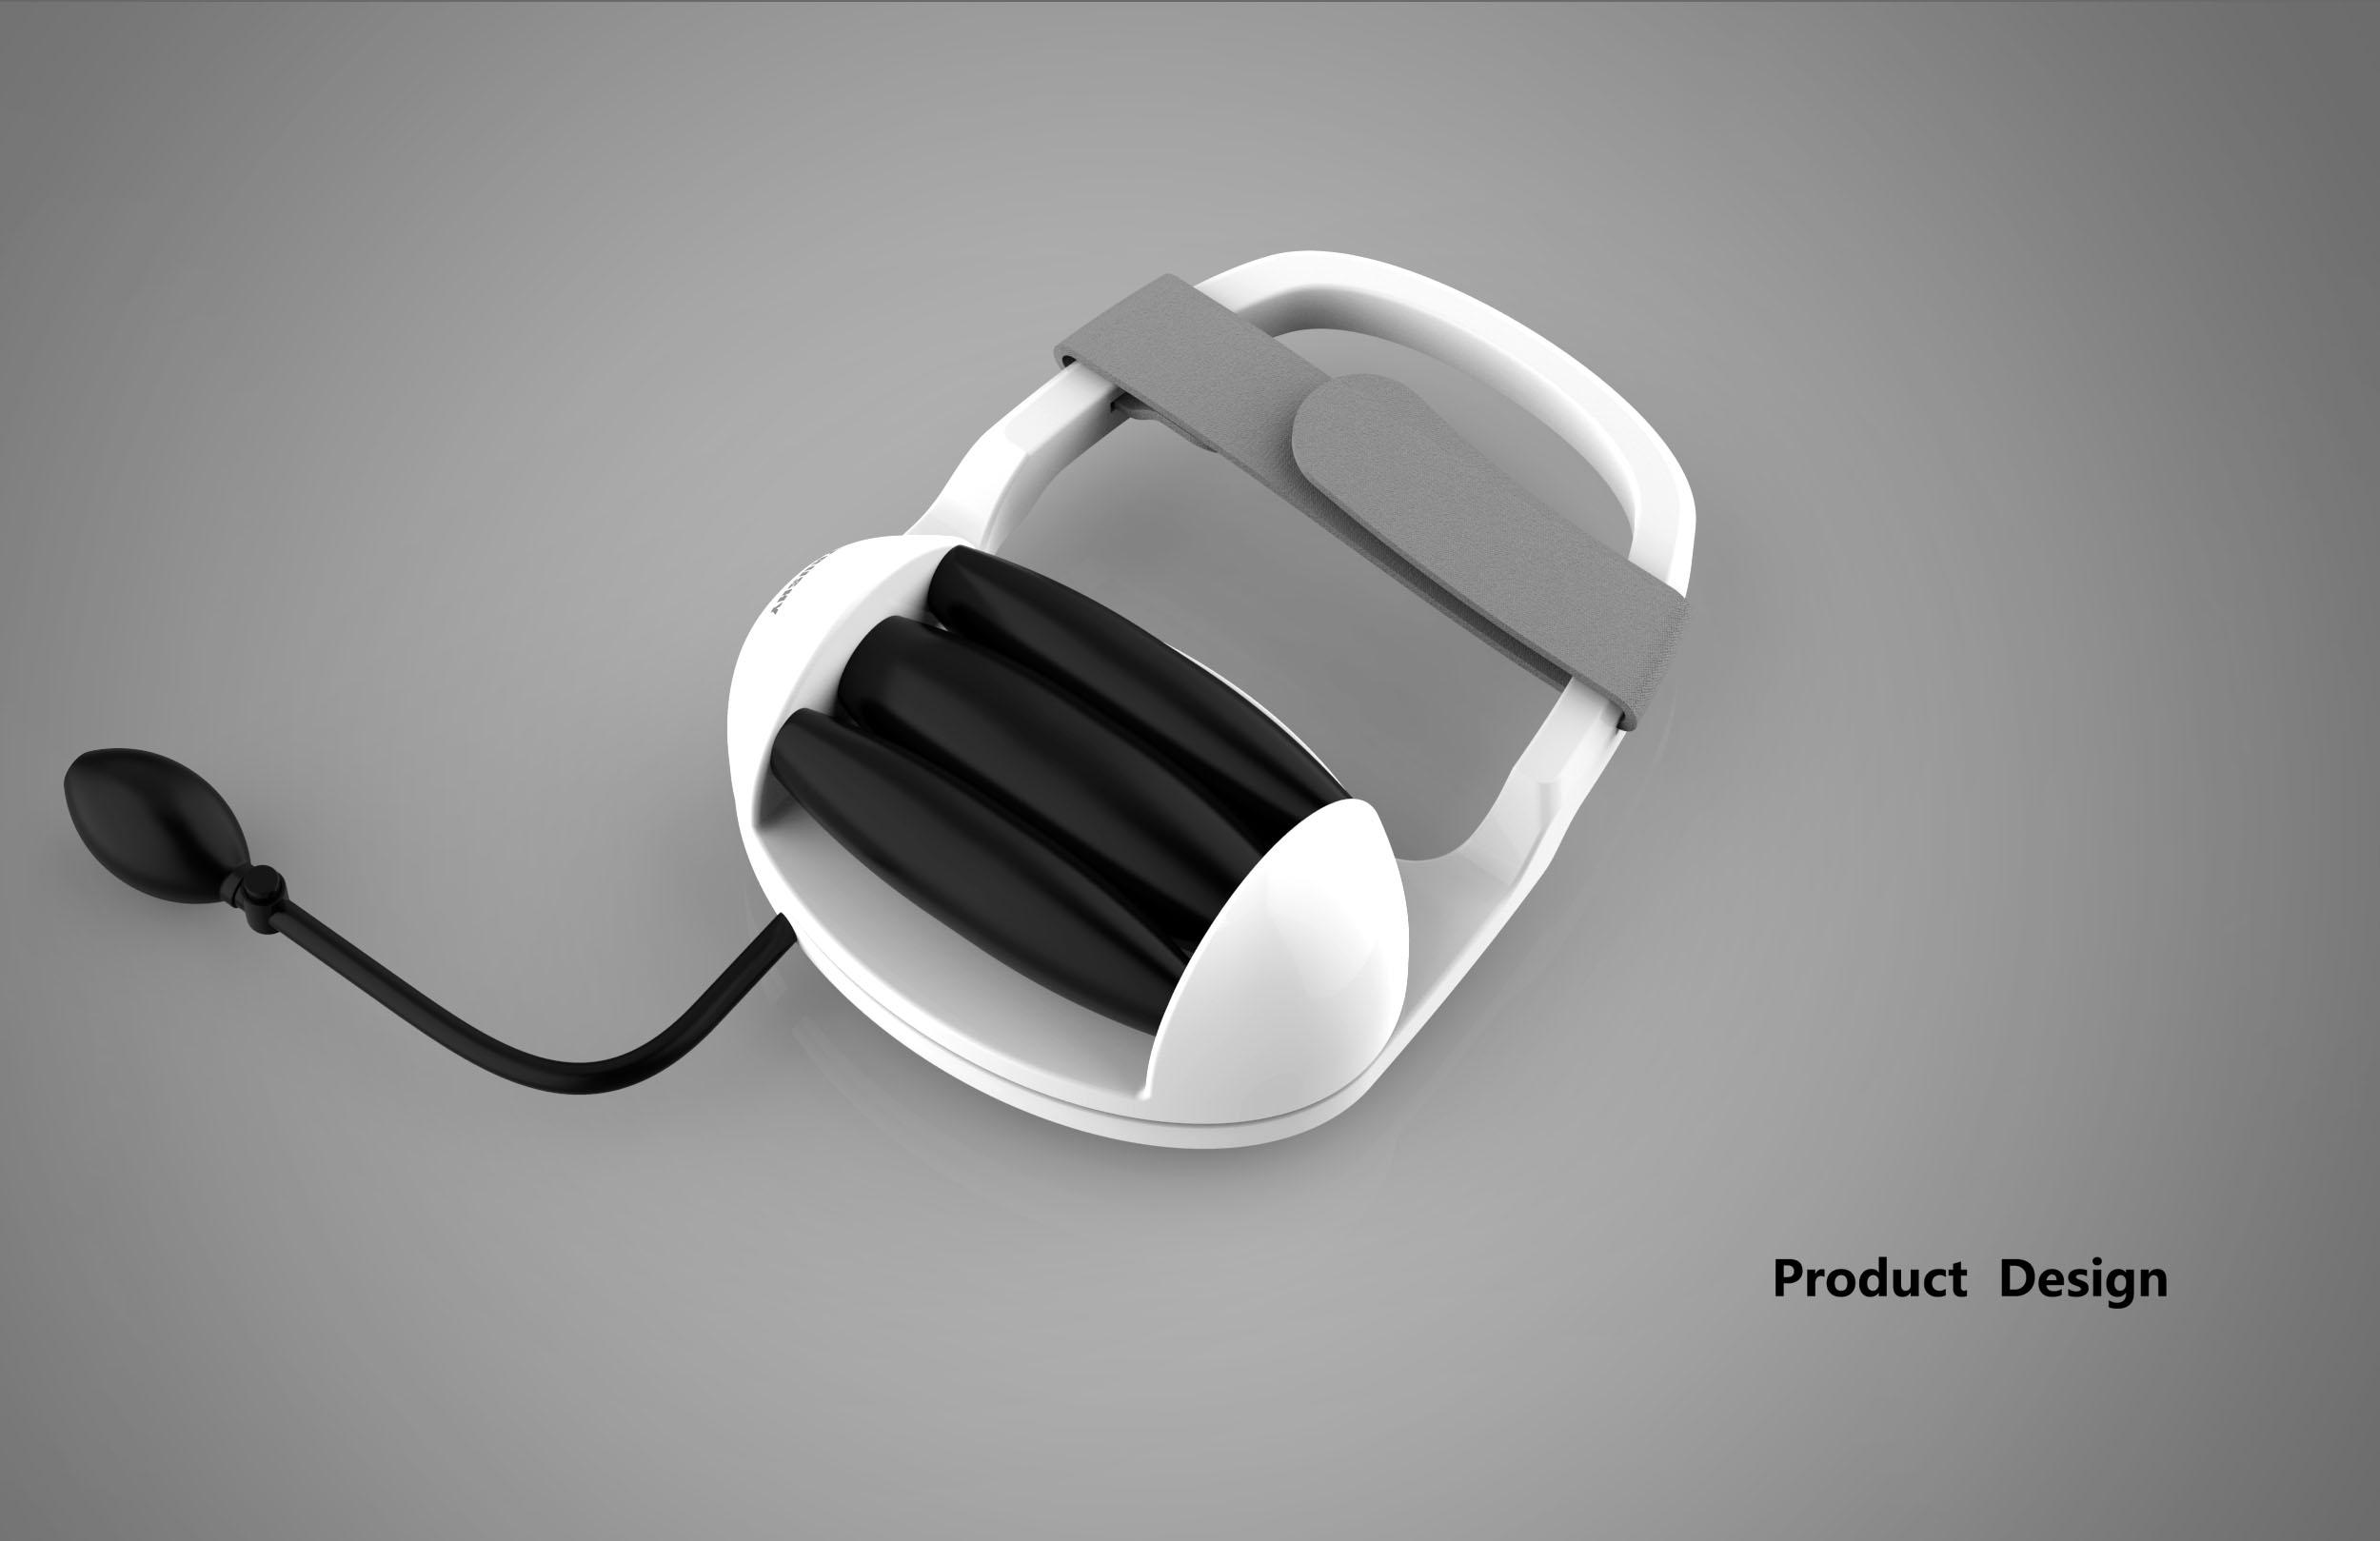 医疗设备/工业设计/外观设计/结构设计/效果图渲染/3D建模